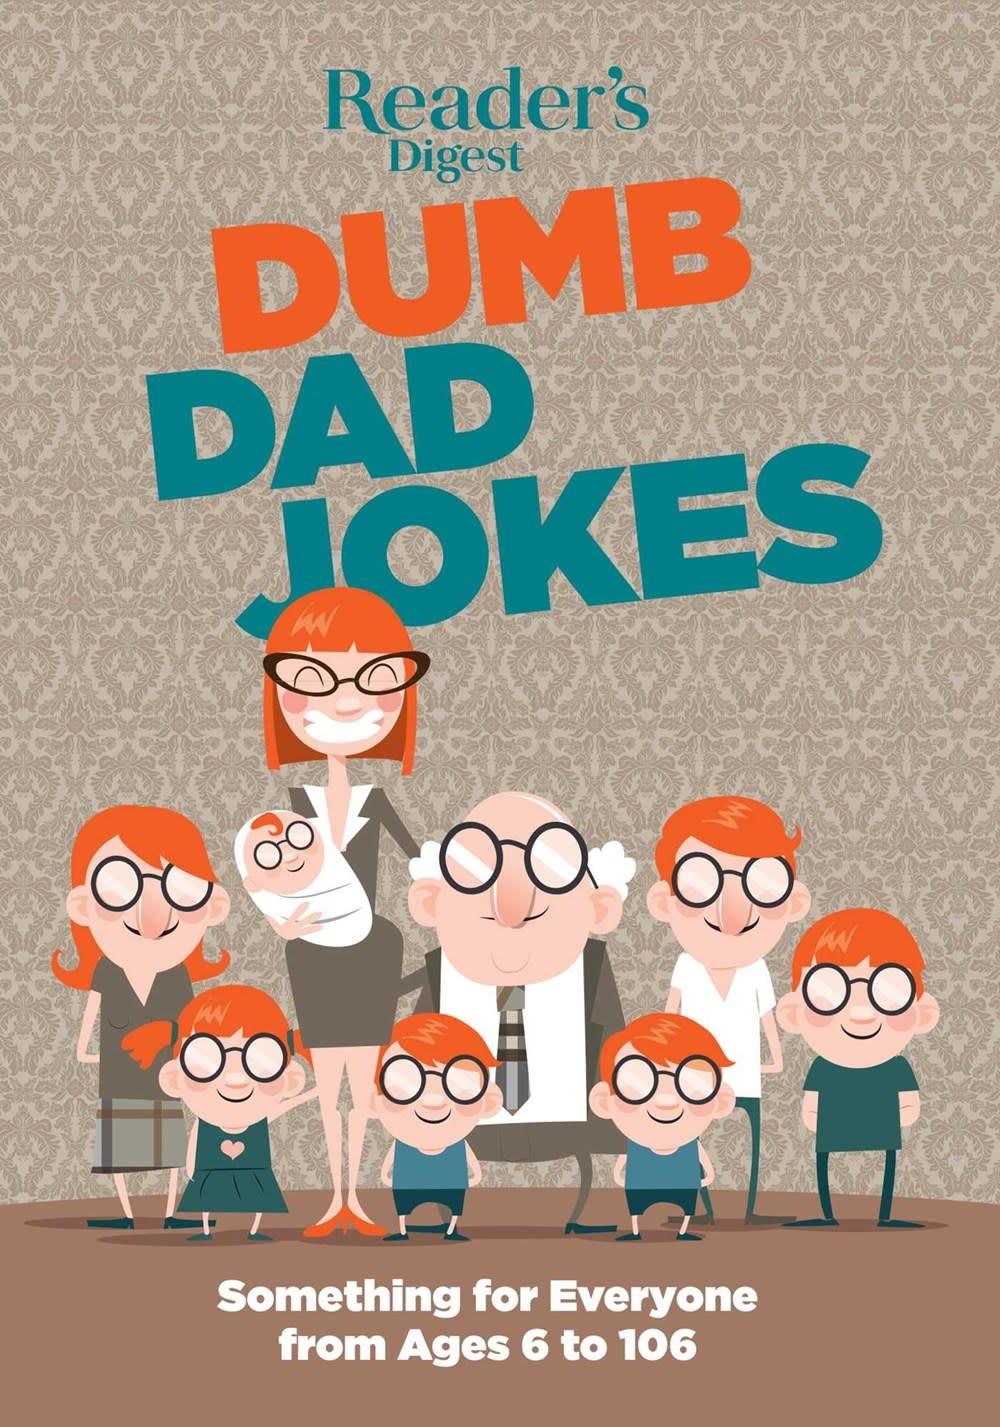 Reader's Digest Reader's Digest Dumb Dad Jokes